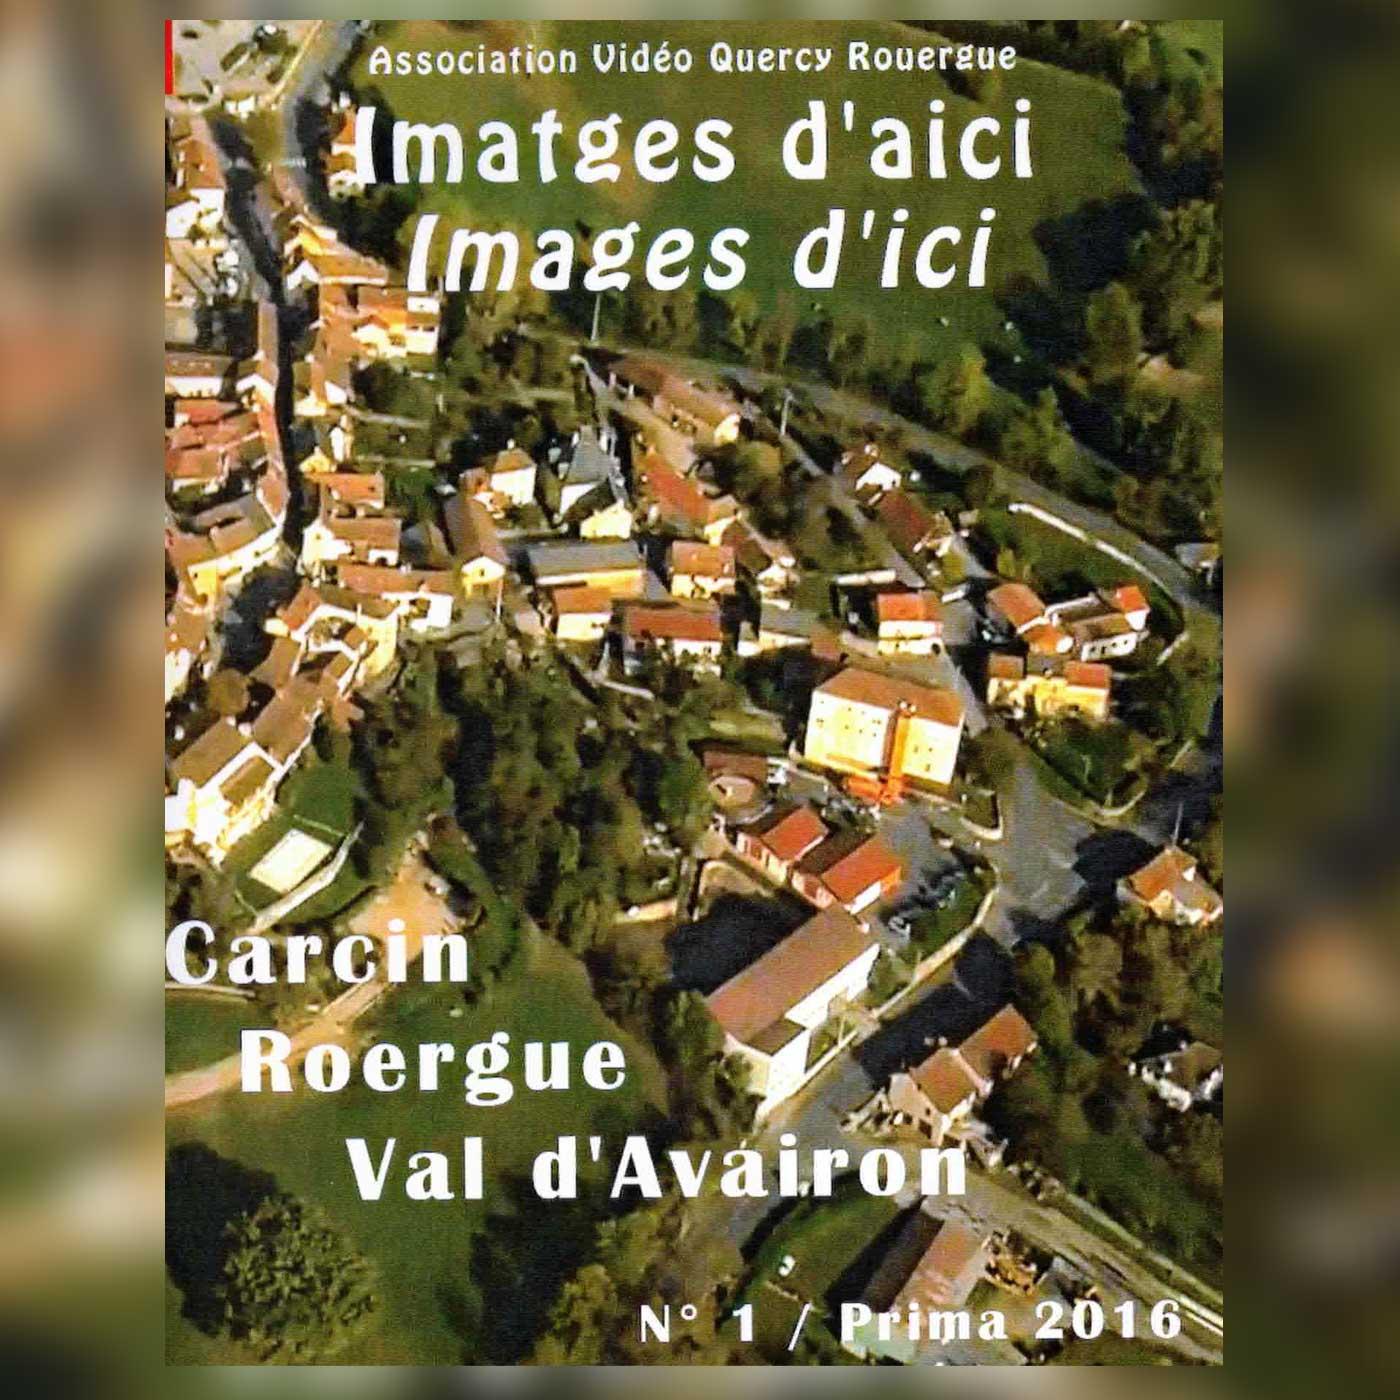 affichette de présentation du dvd Imatges d'aici - Images d'ici N°1